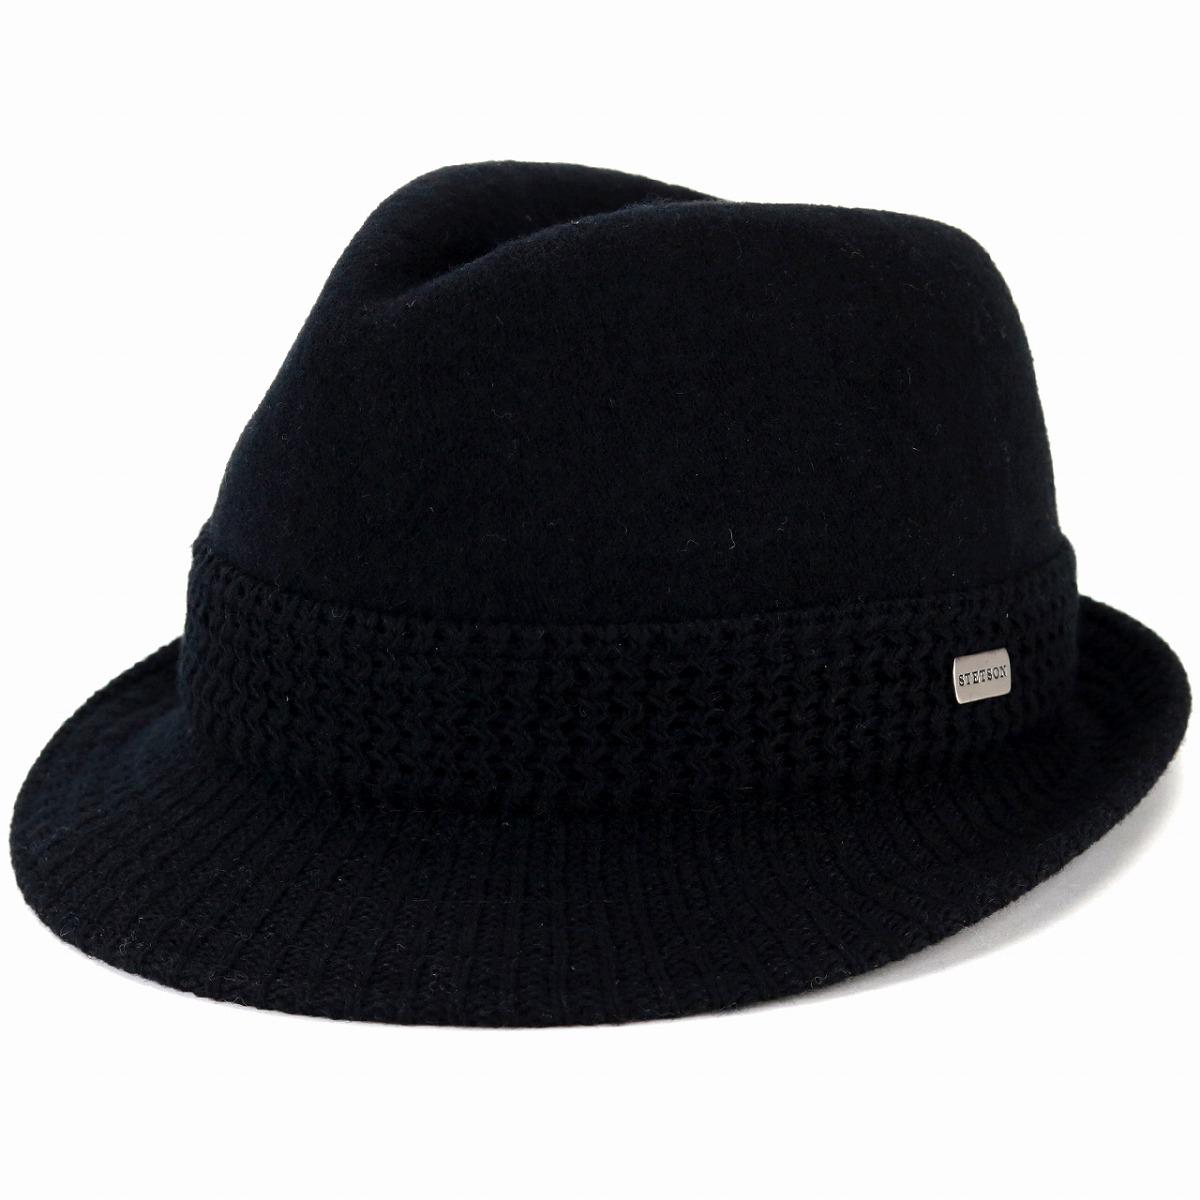 Soft cap men gap Dis Stetson soft felt hat hat wool blend big size  gentleman soft ... 12e27b4a025